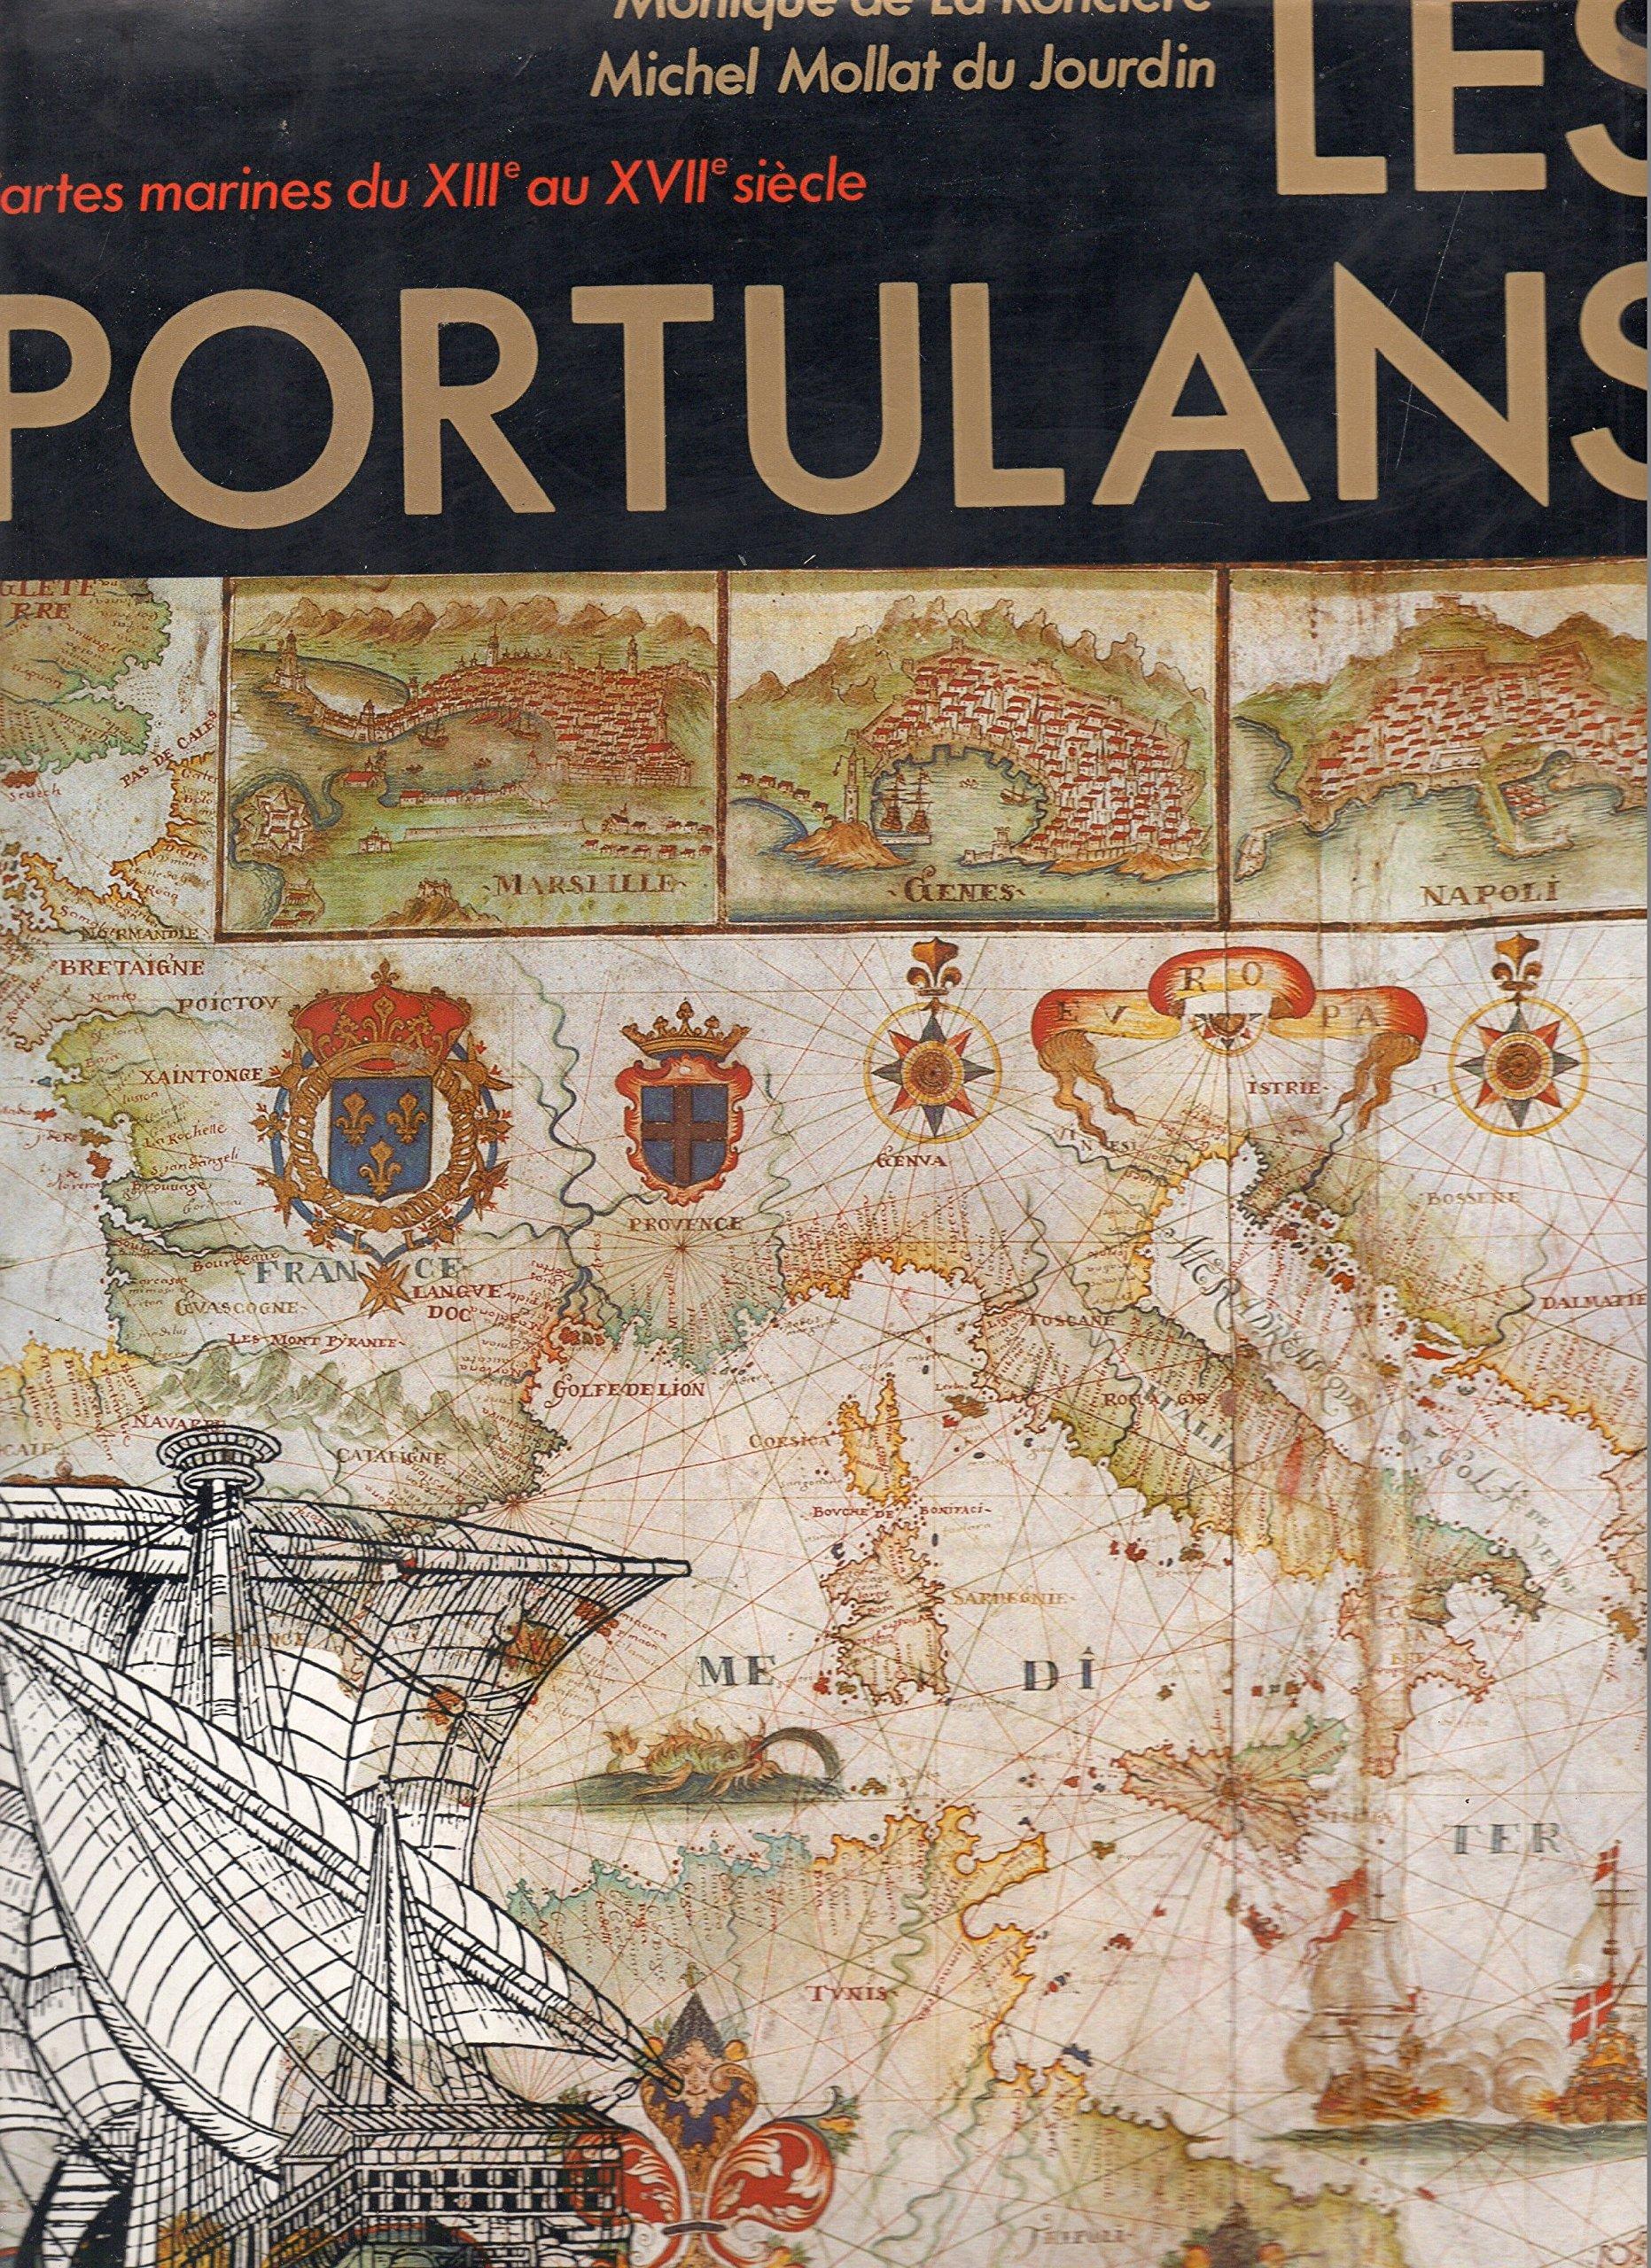 Les Portulans : Cartes marines du XIIIe au XVIIe siècle Cartonné – 1984 Nathan 2092905384 Cartographie Histoire